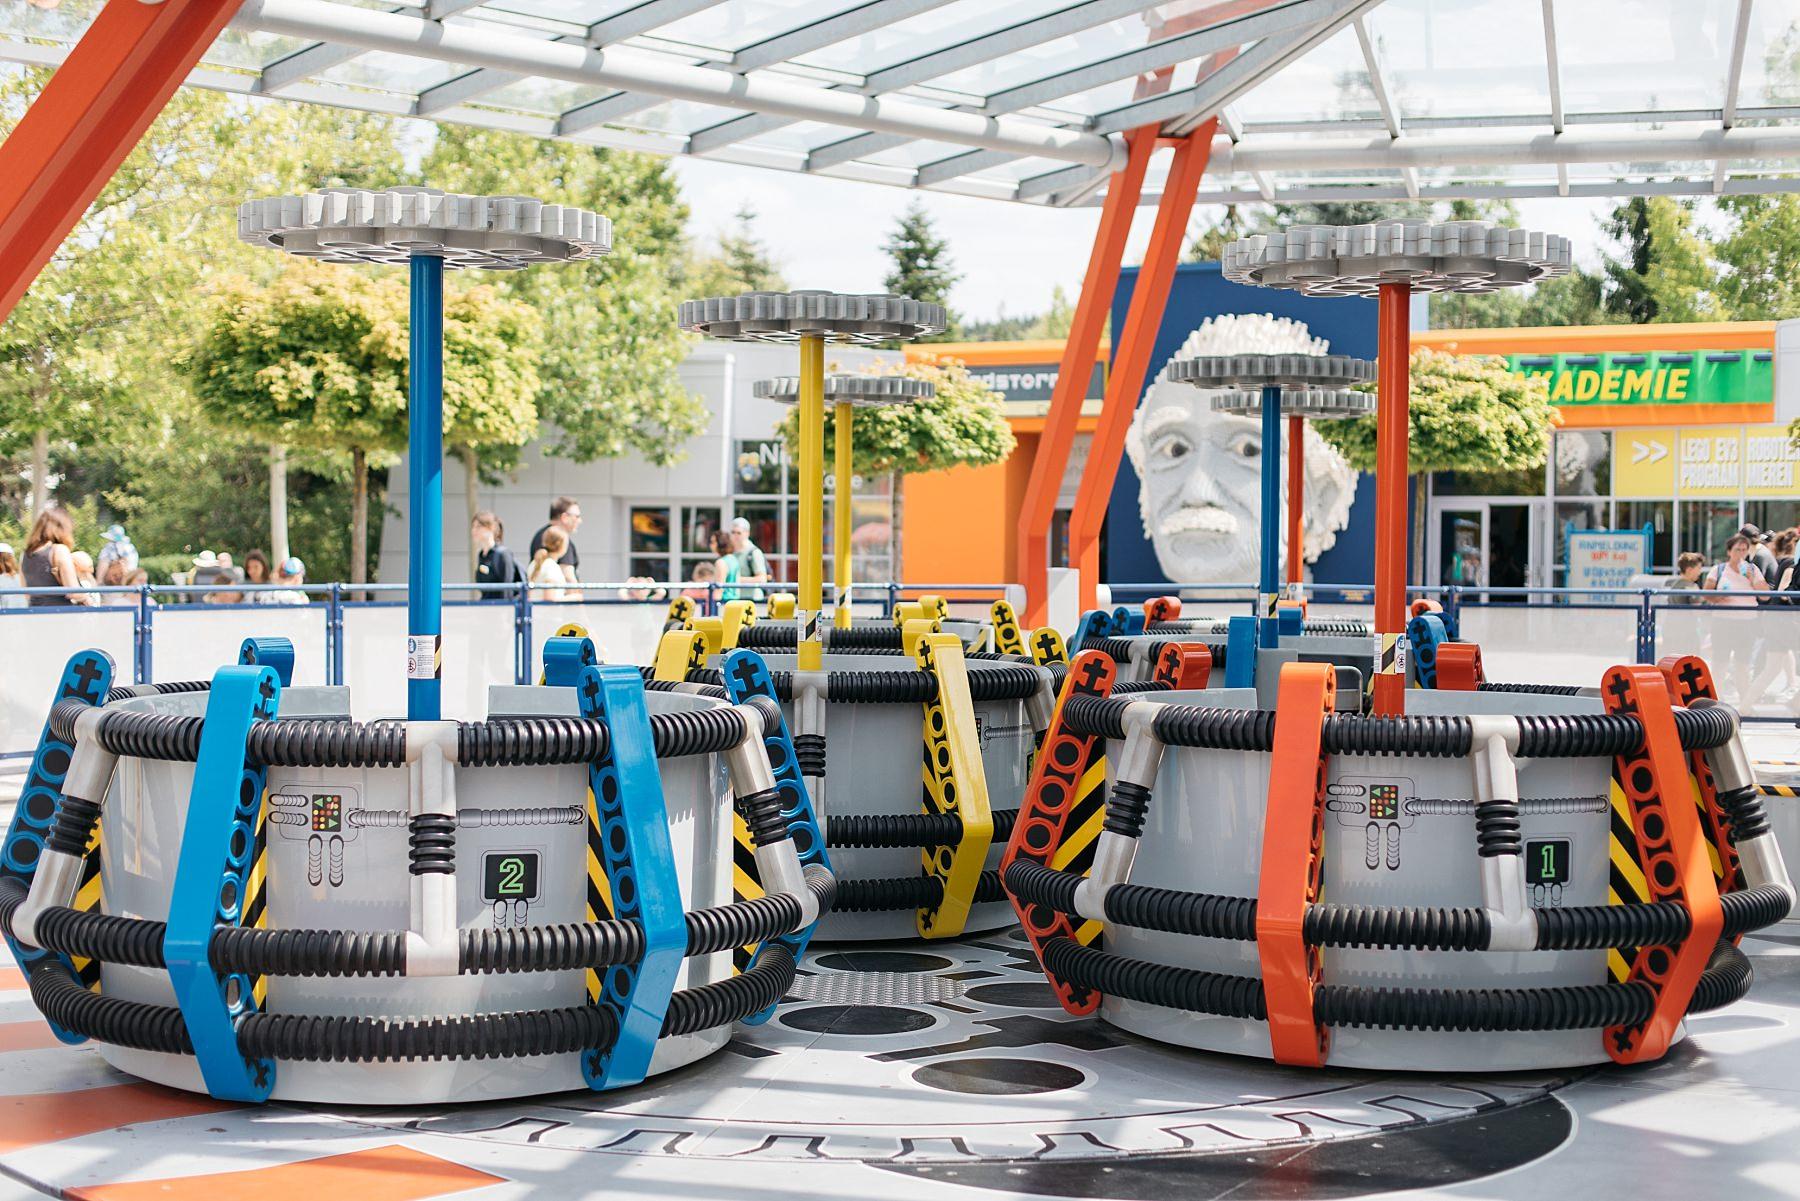 Legoland - 57 millions de briques Lego 38